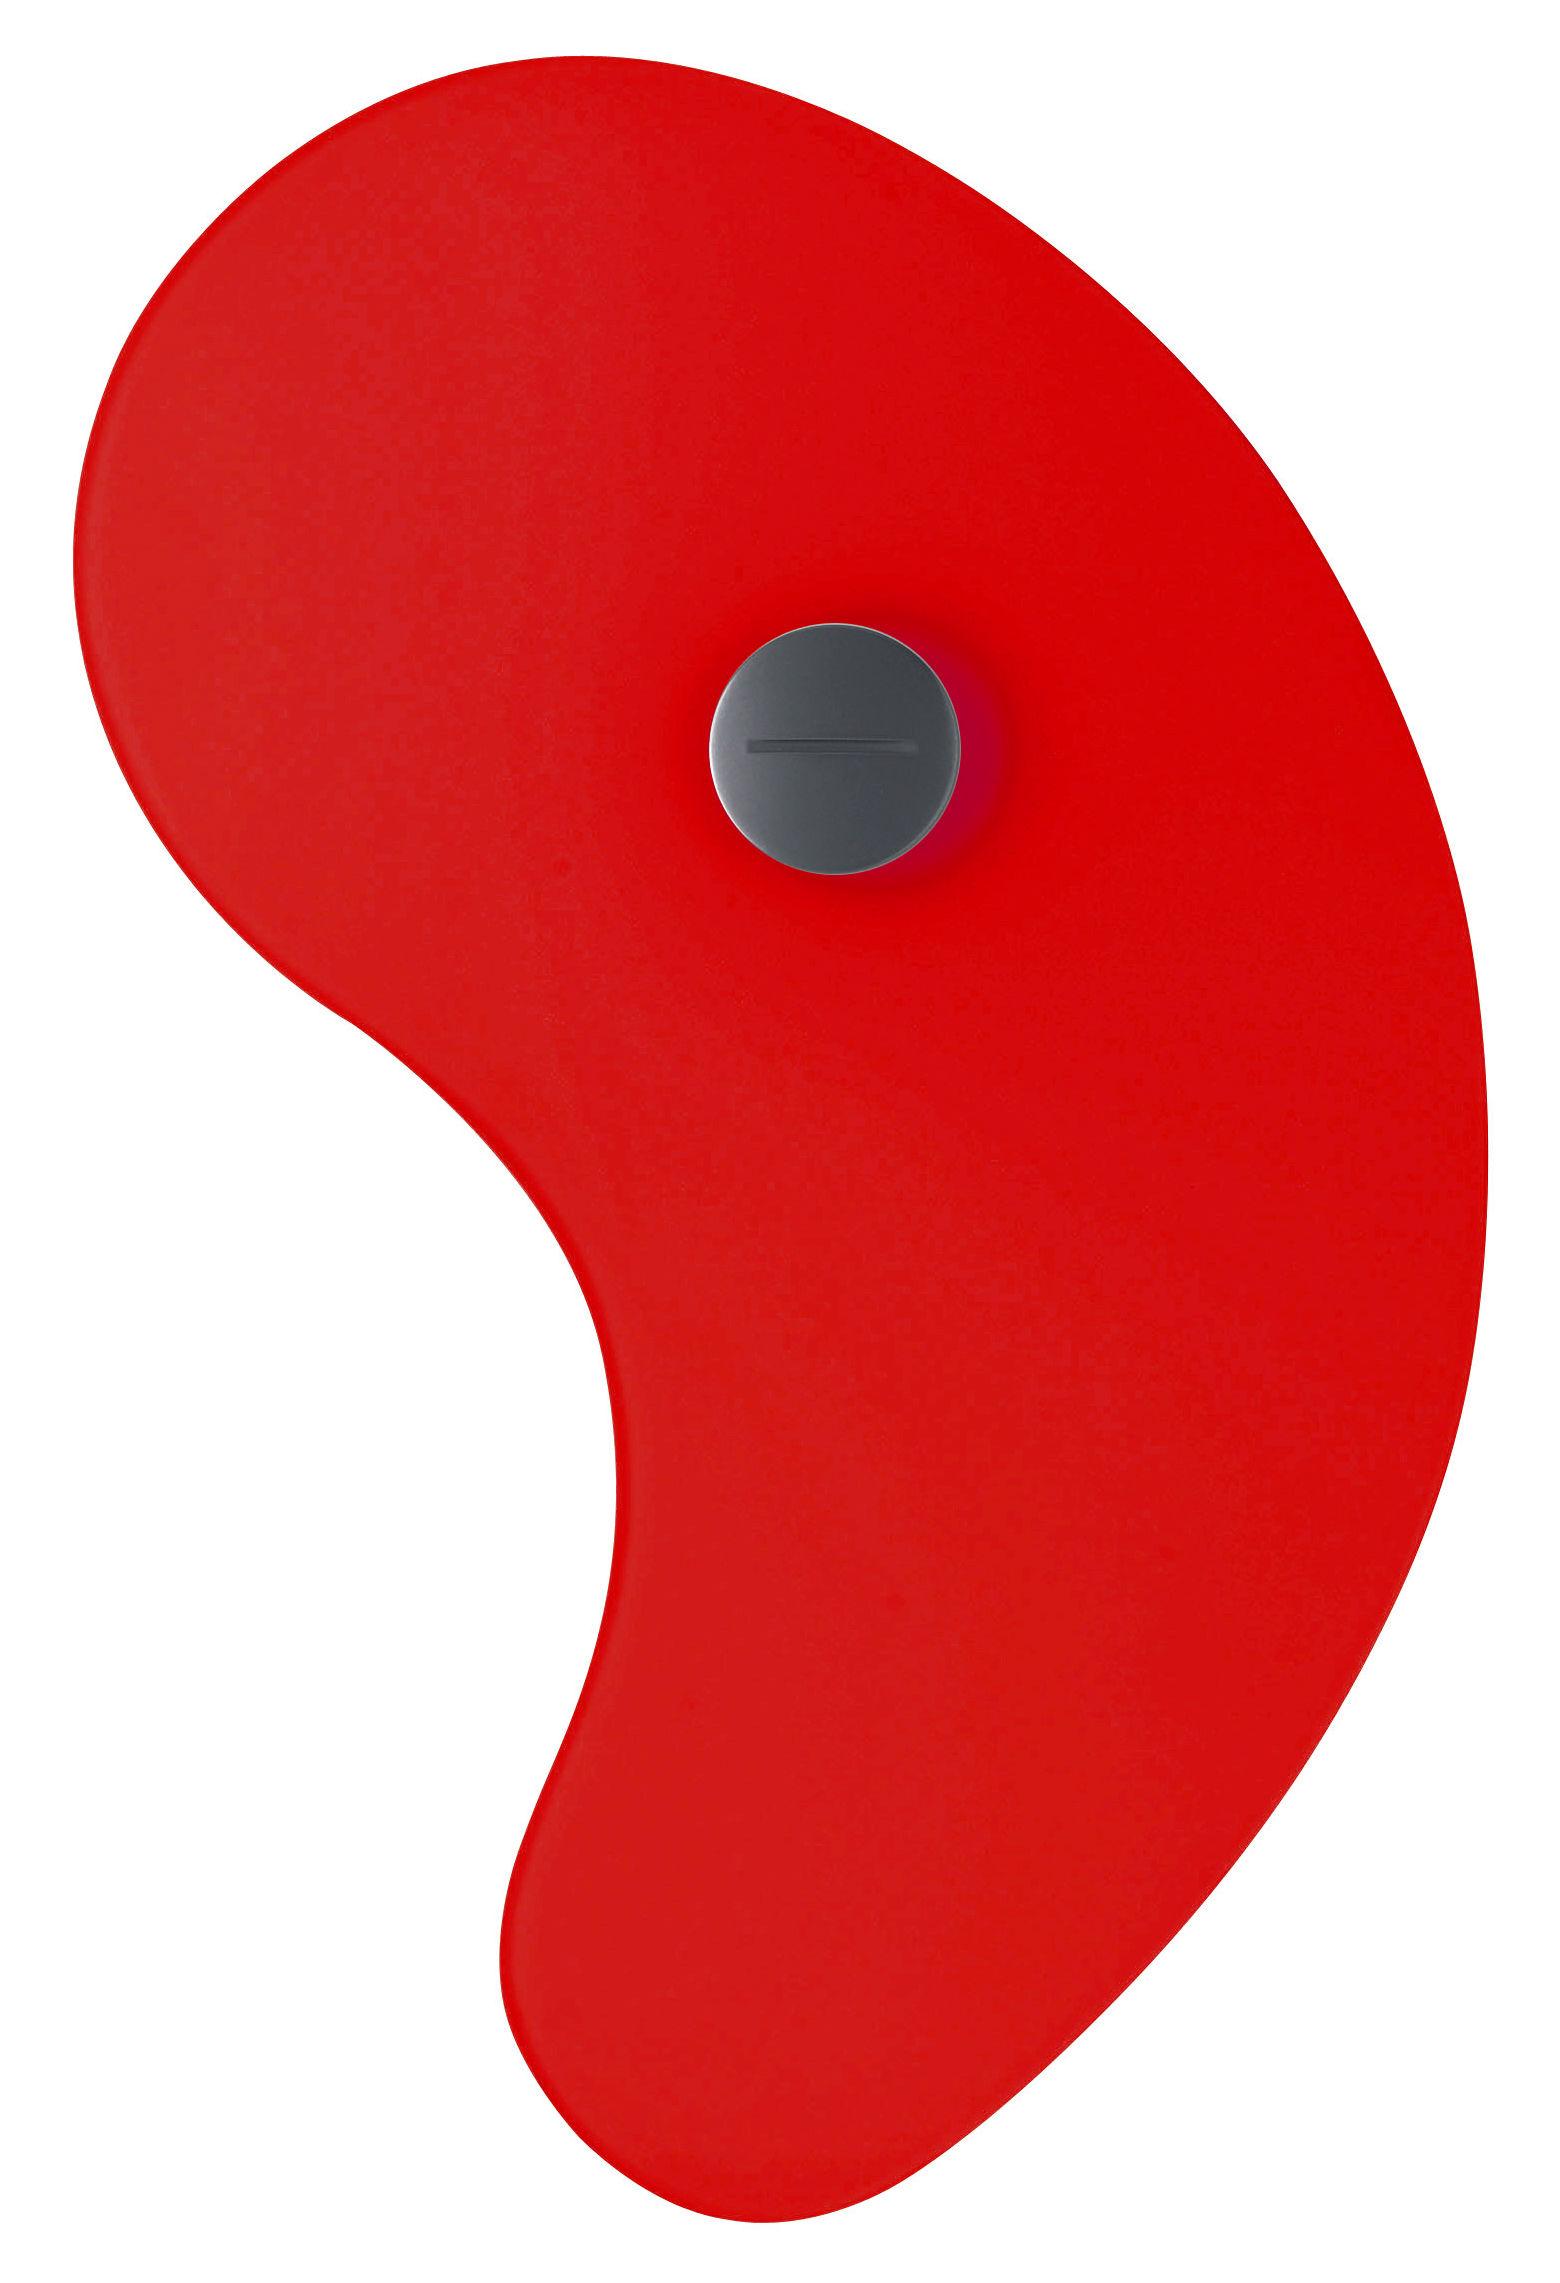 Leuchten - Wandleuchten - Bit 1 Wandleuchte mit Stromkabel - Foscarini - Rot - Glas, Metall